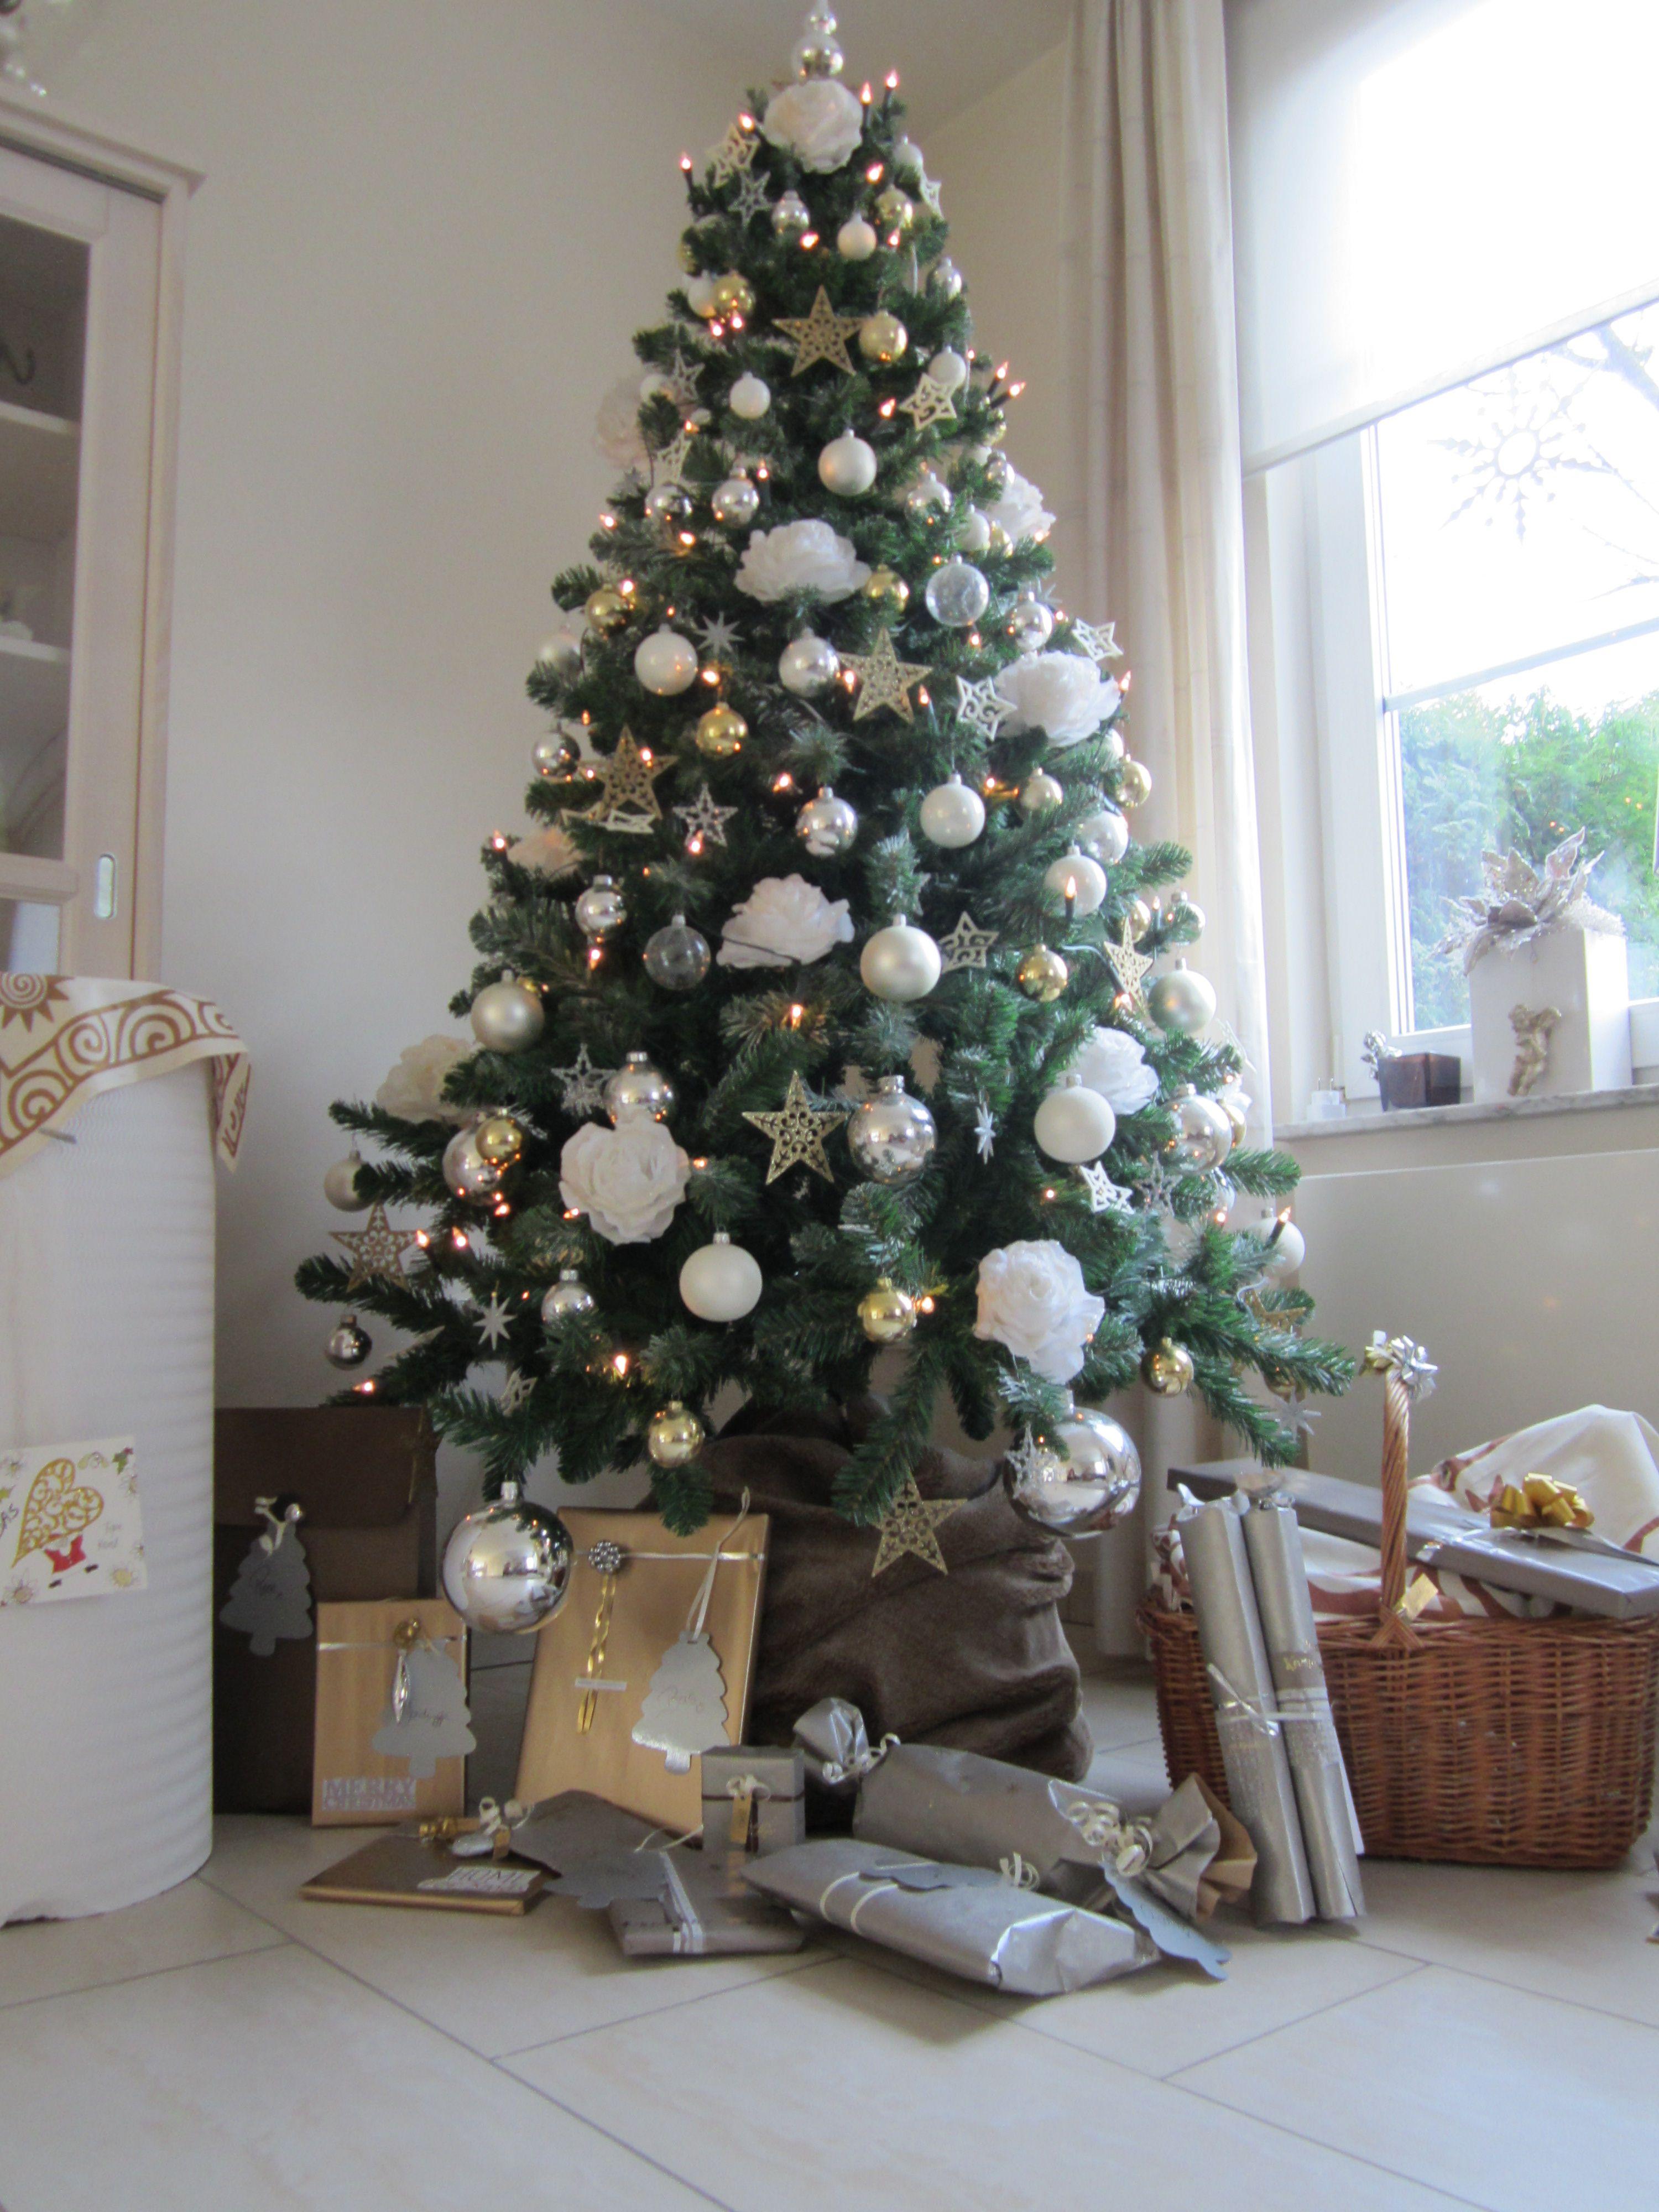 White Silver Golden Stars En Roses Christmastree Wit Zilver Gouden Sterren En Rozen Kerstboom Kerstdecoratie Kerst Vakantie Kerst Thuis